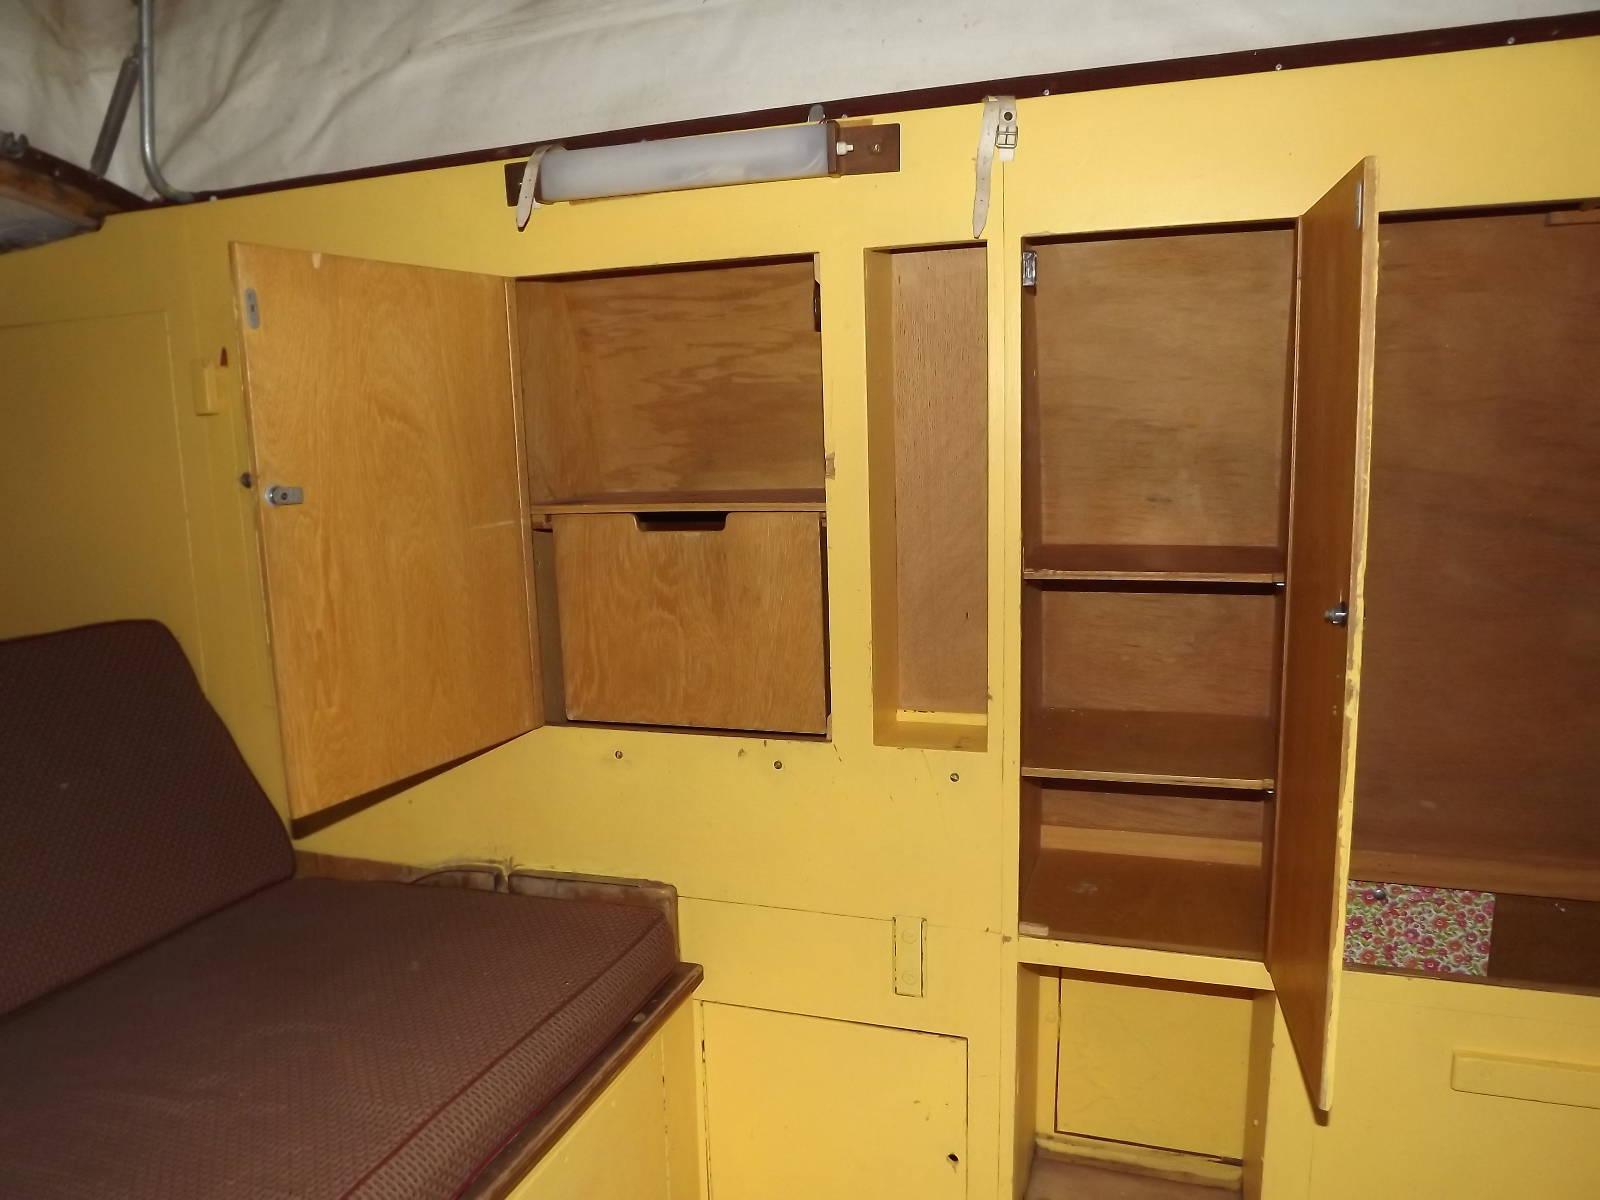 am nagement combi vw camper flat4me mes vw aircooled cox combi. Black Bedroom Furniture Sets. Home Design Ideas